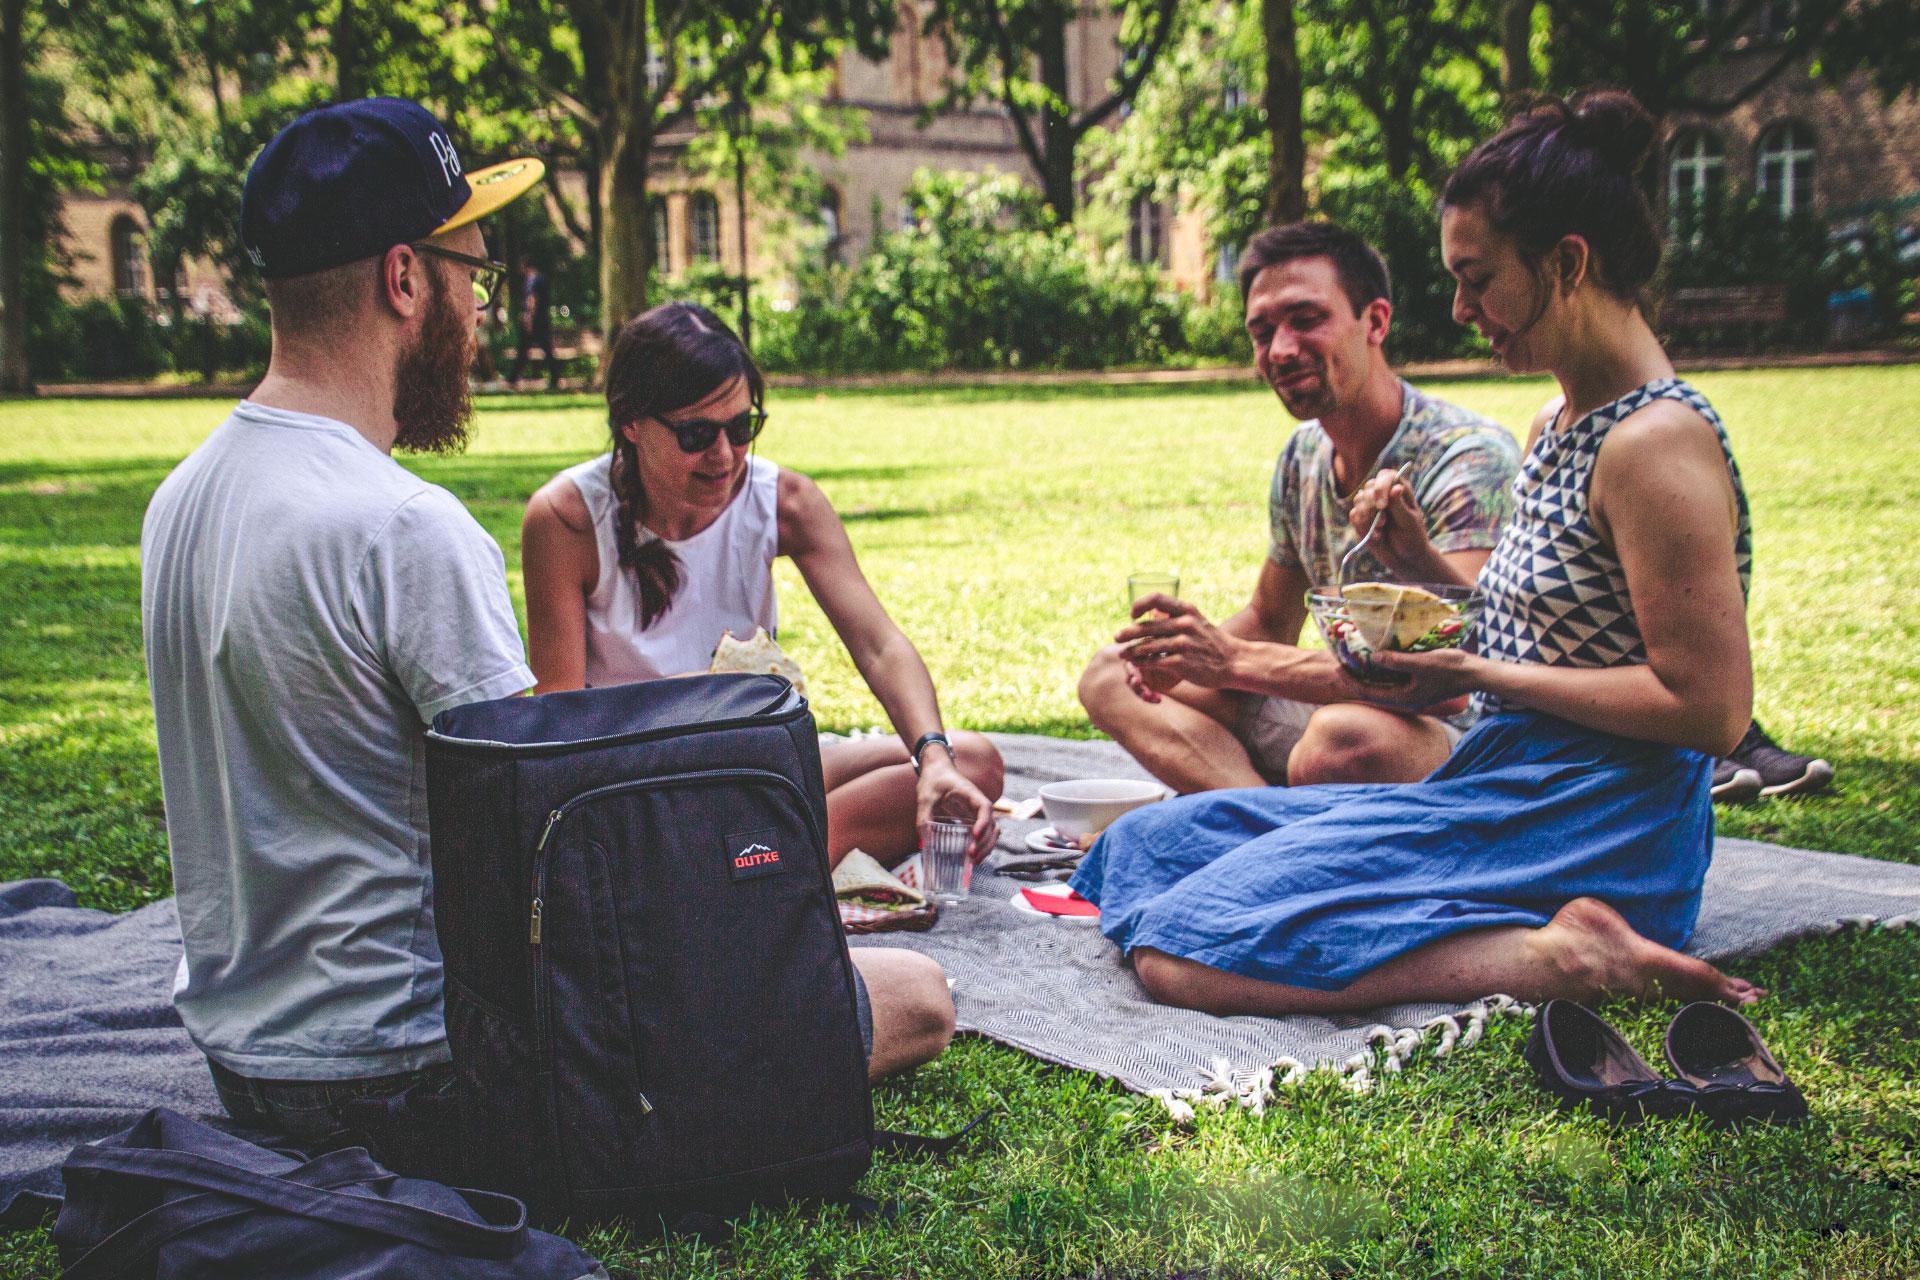 Kalte Getränke beim Sommer-Picknick dank zusätzlicher Isolation des Rucksacks